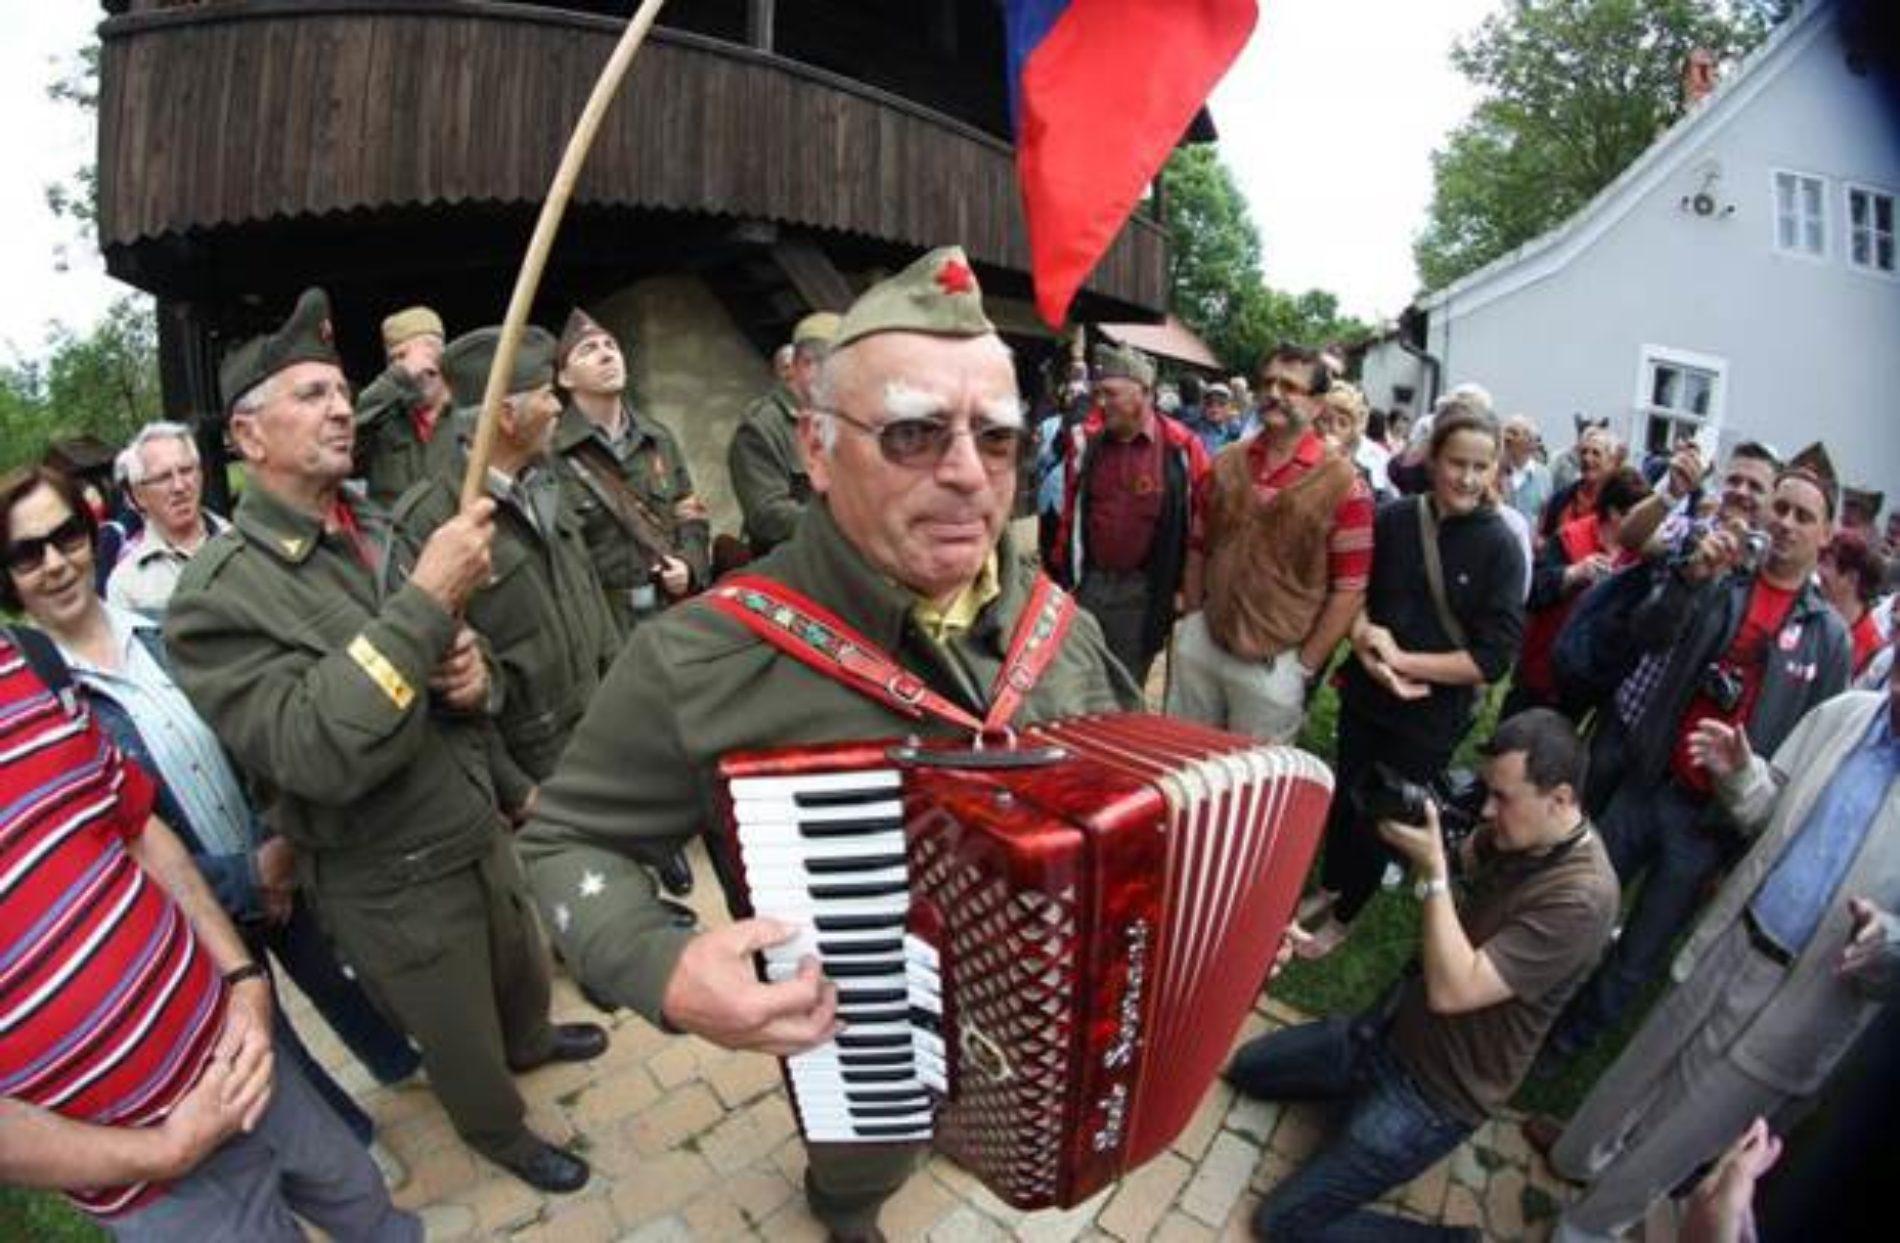 Bajke o superiornosti jugoslavenskog socijalizma: Sve se tek svodi na nostalgiju prema mladosti